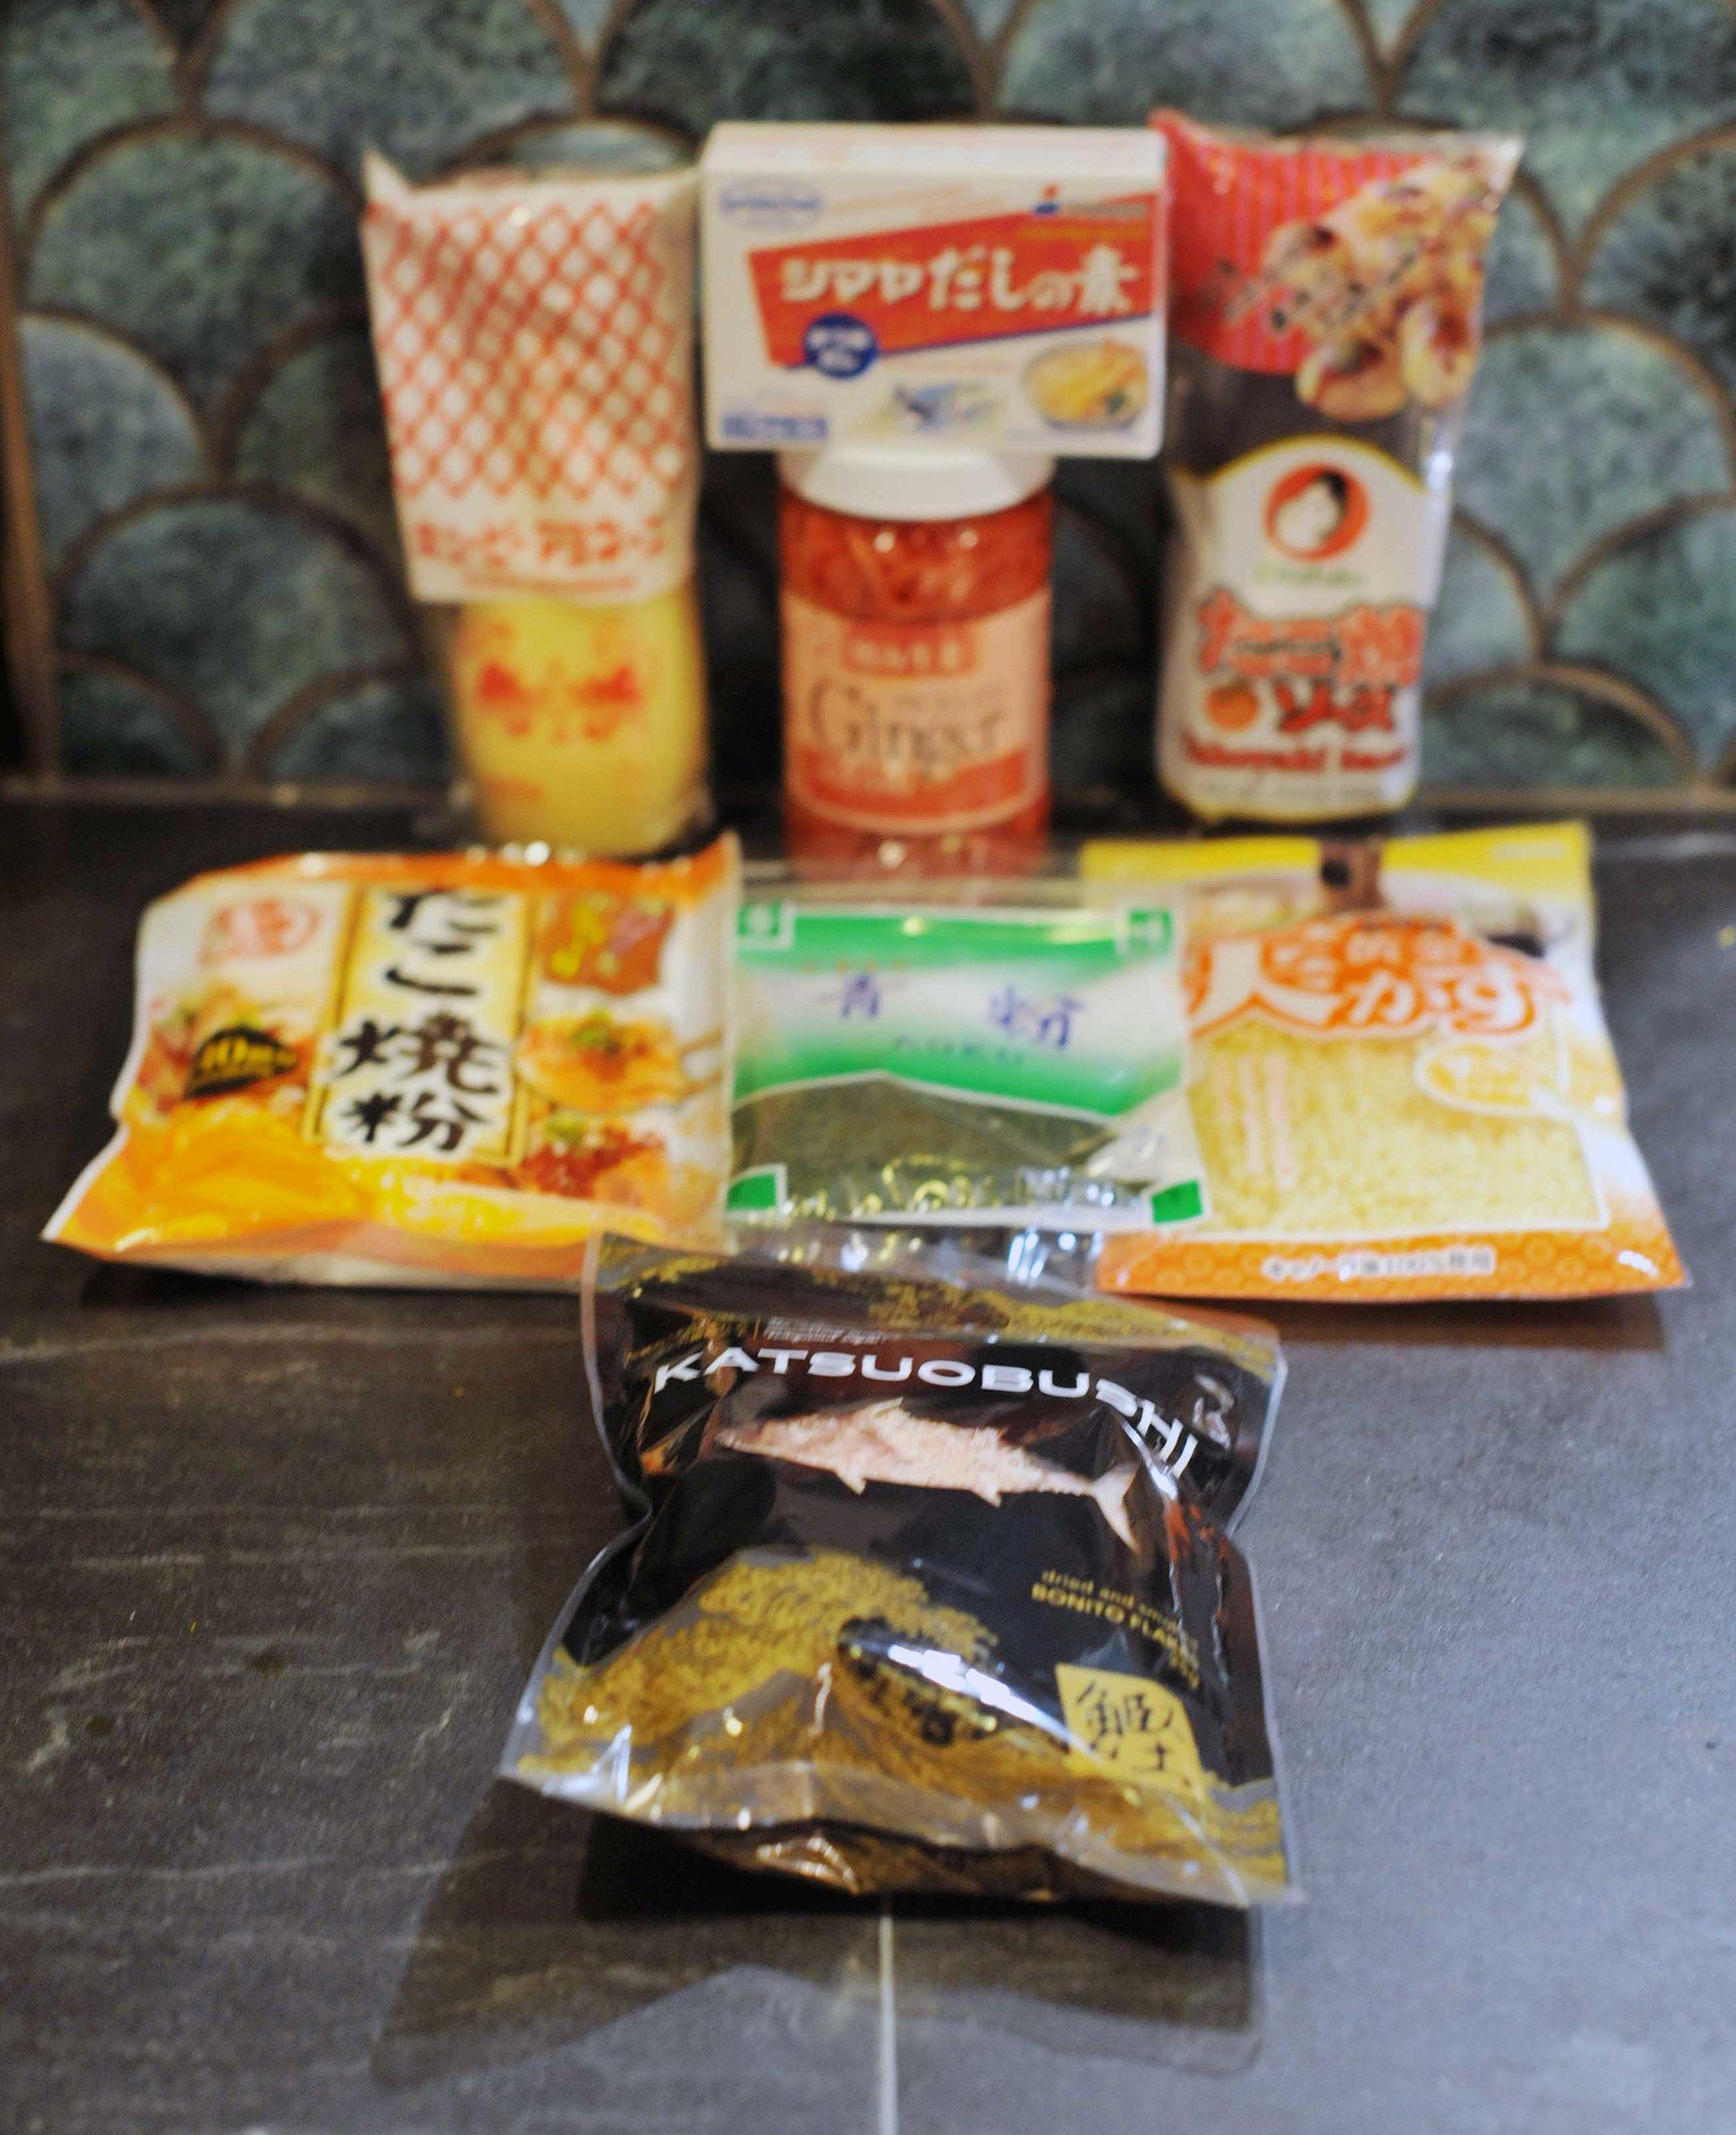 Takoyaki ingredients -  IG: Smy Goodness